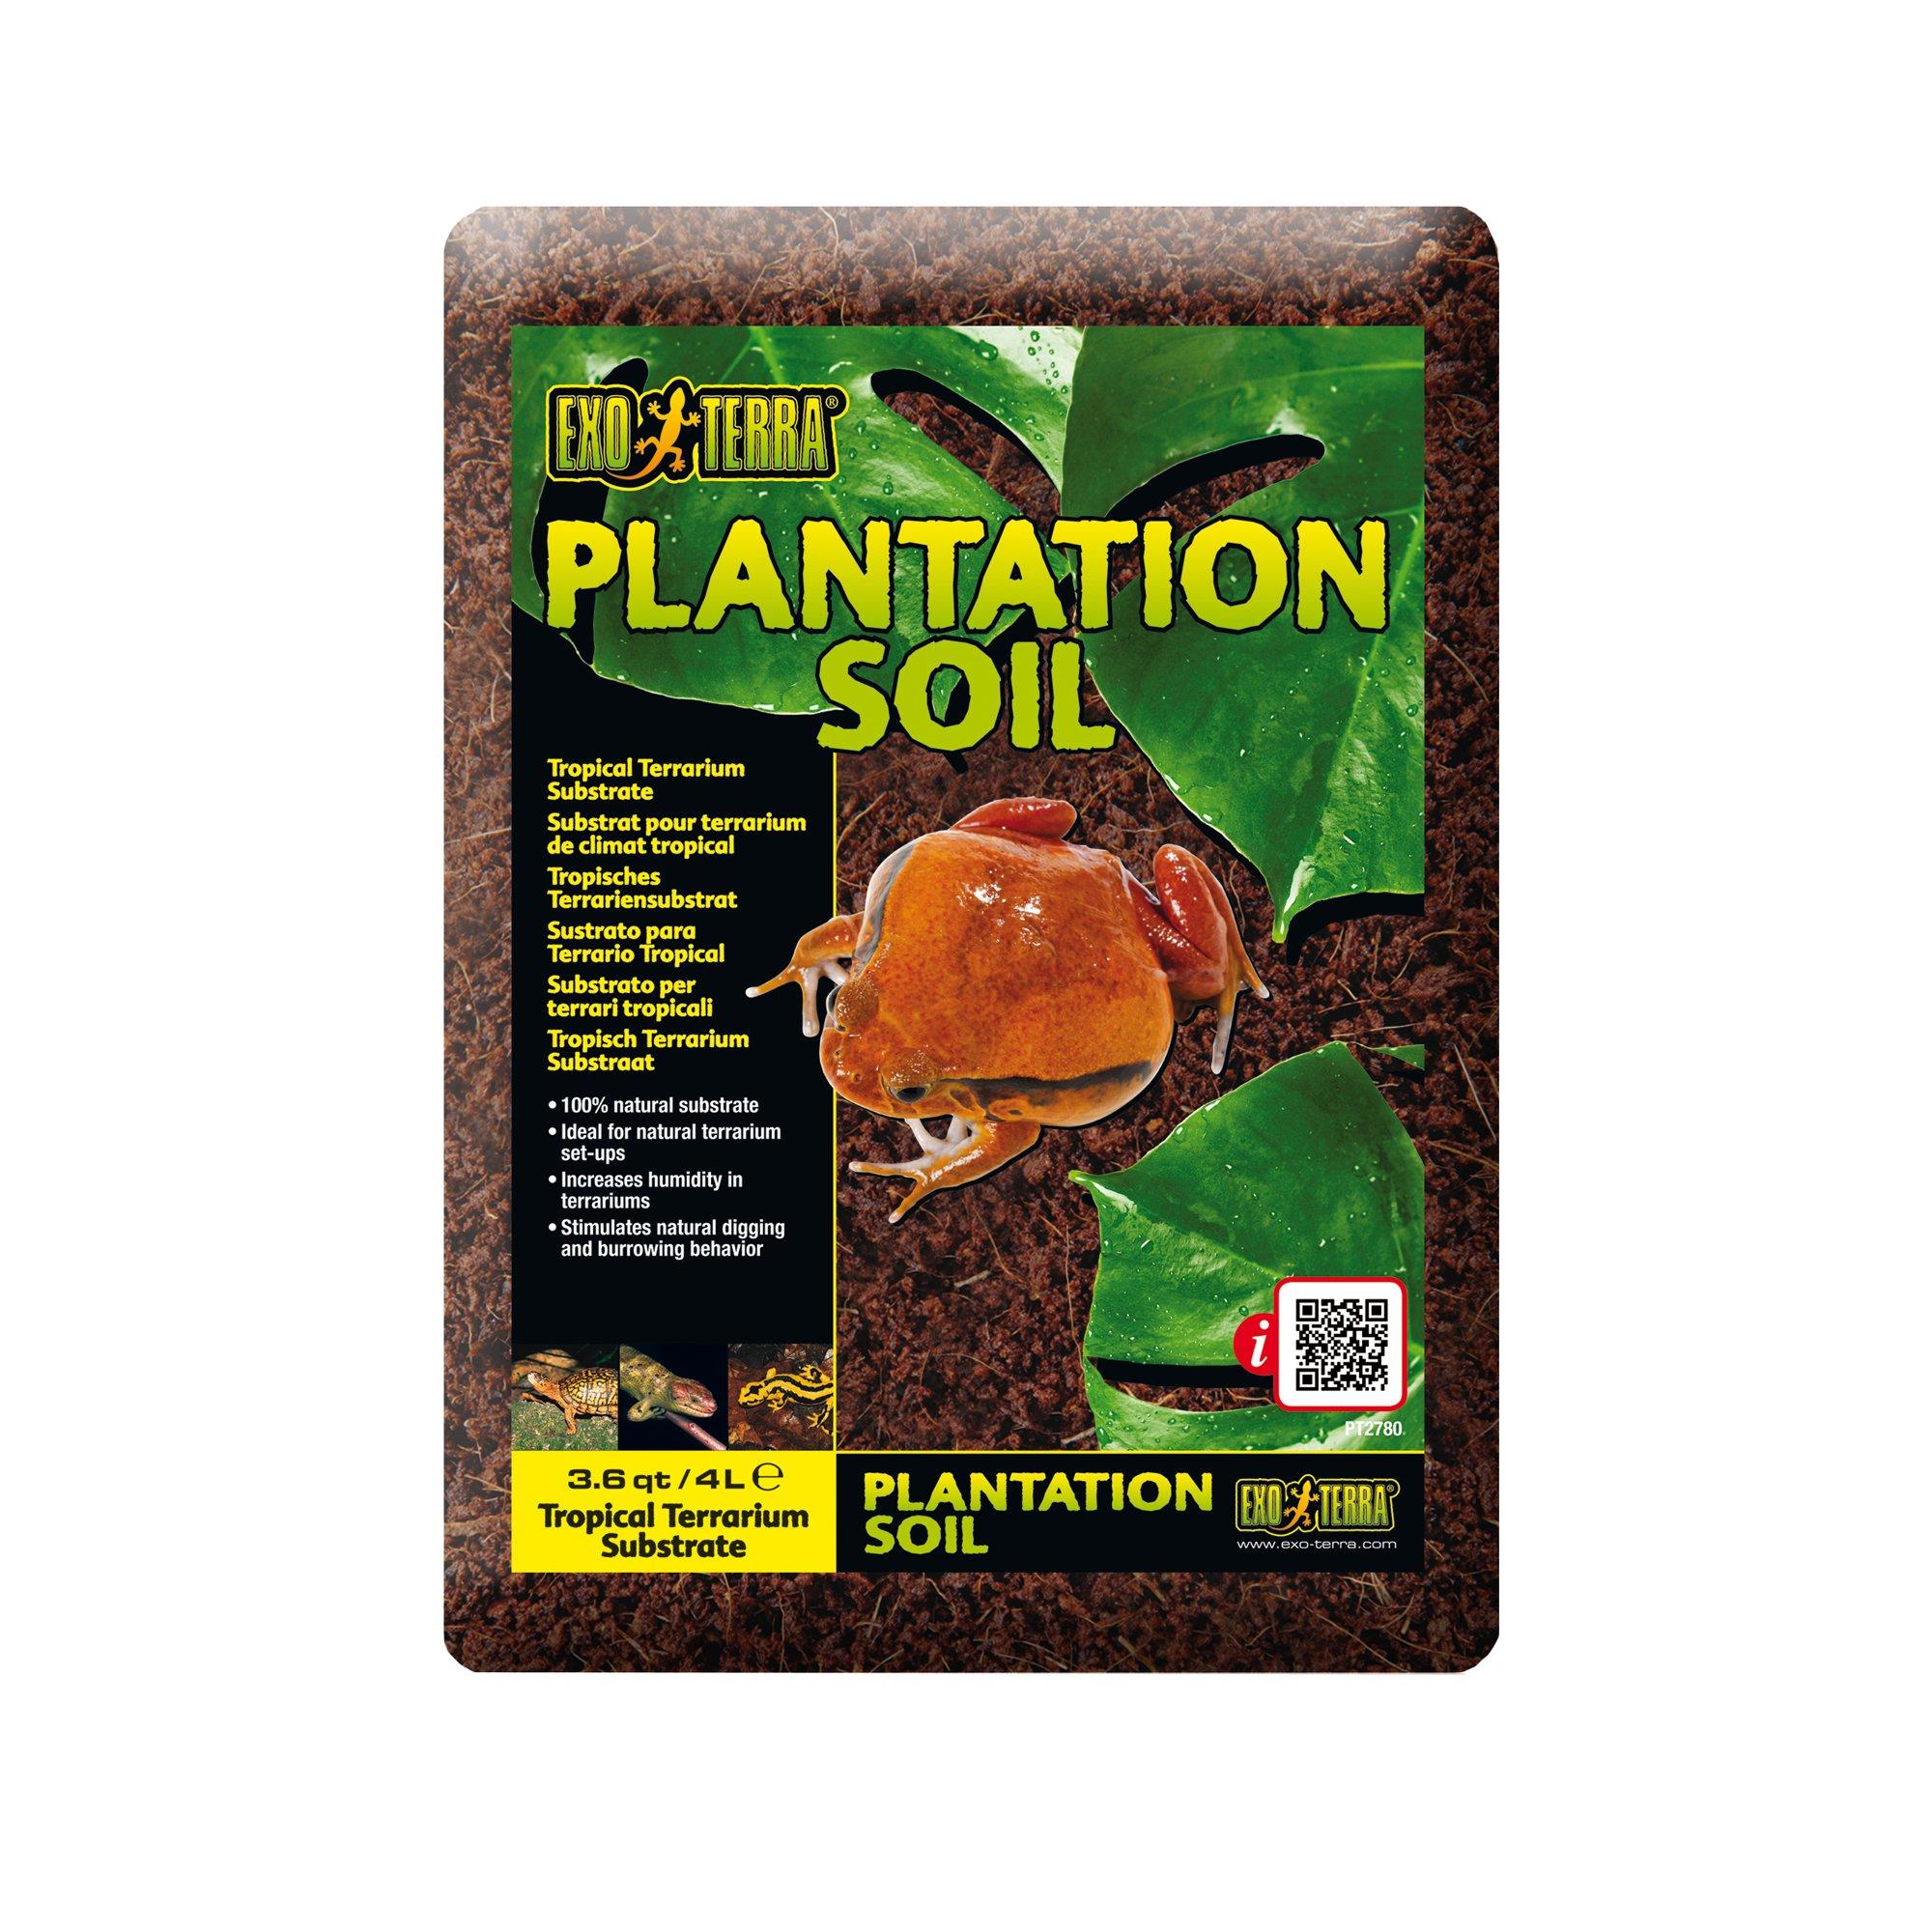 Exo-Terra Plantation Soil   Petco at Petco in Braselton, GA   Tuggl